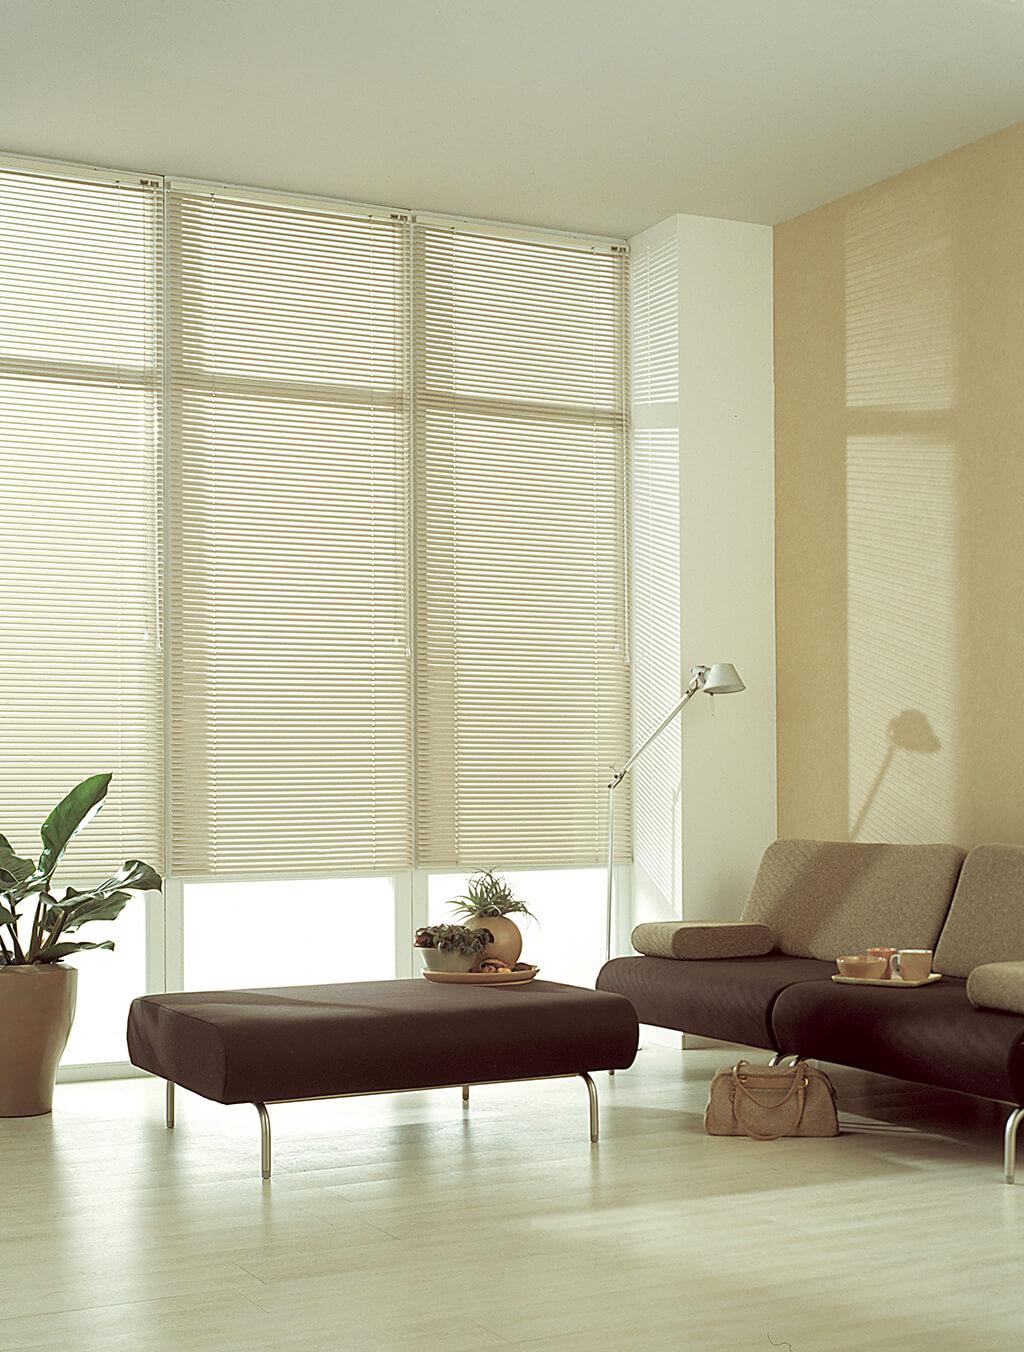 Weiße Alu-Jalousien an deckenhohen Fenstern im Wohnzimmer mit braun-beigen Möbeln